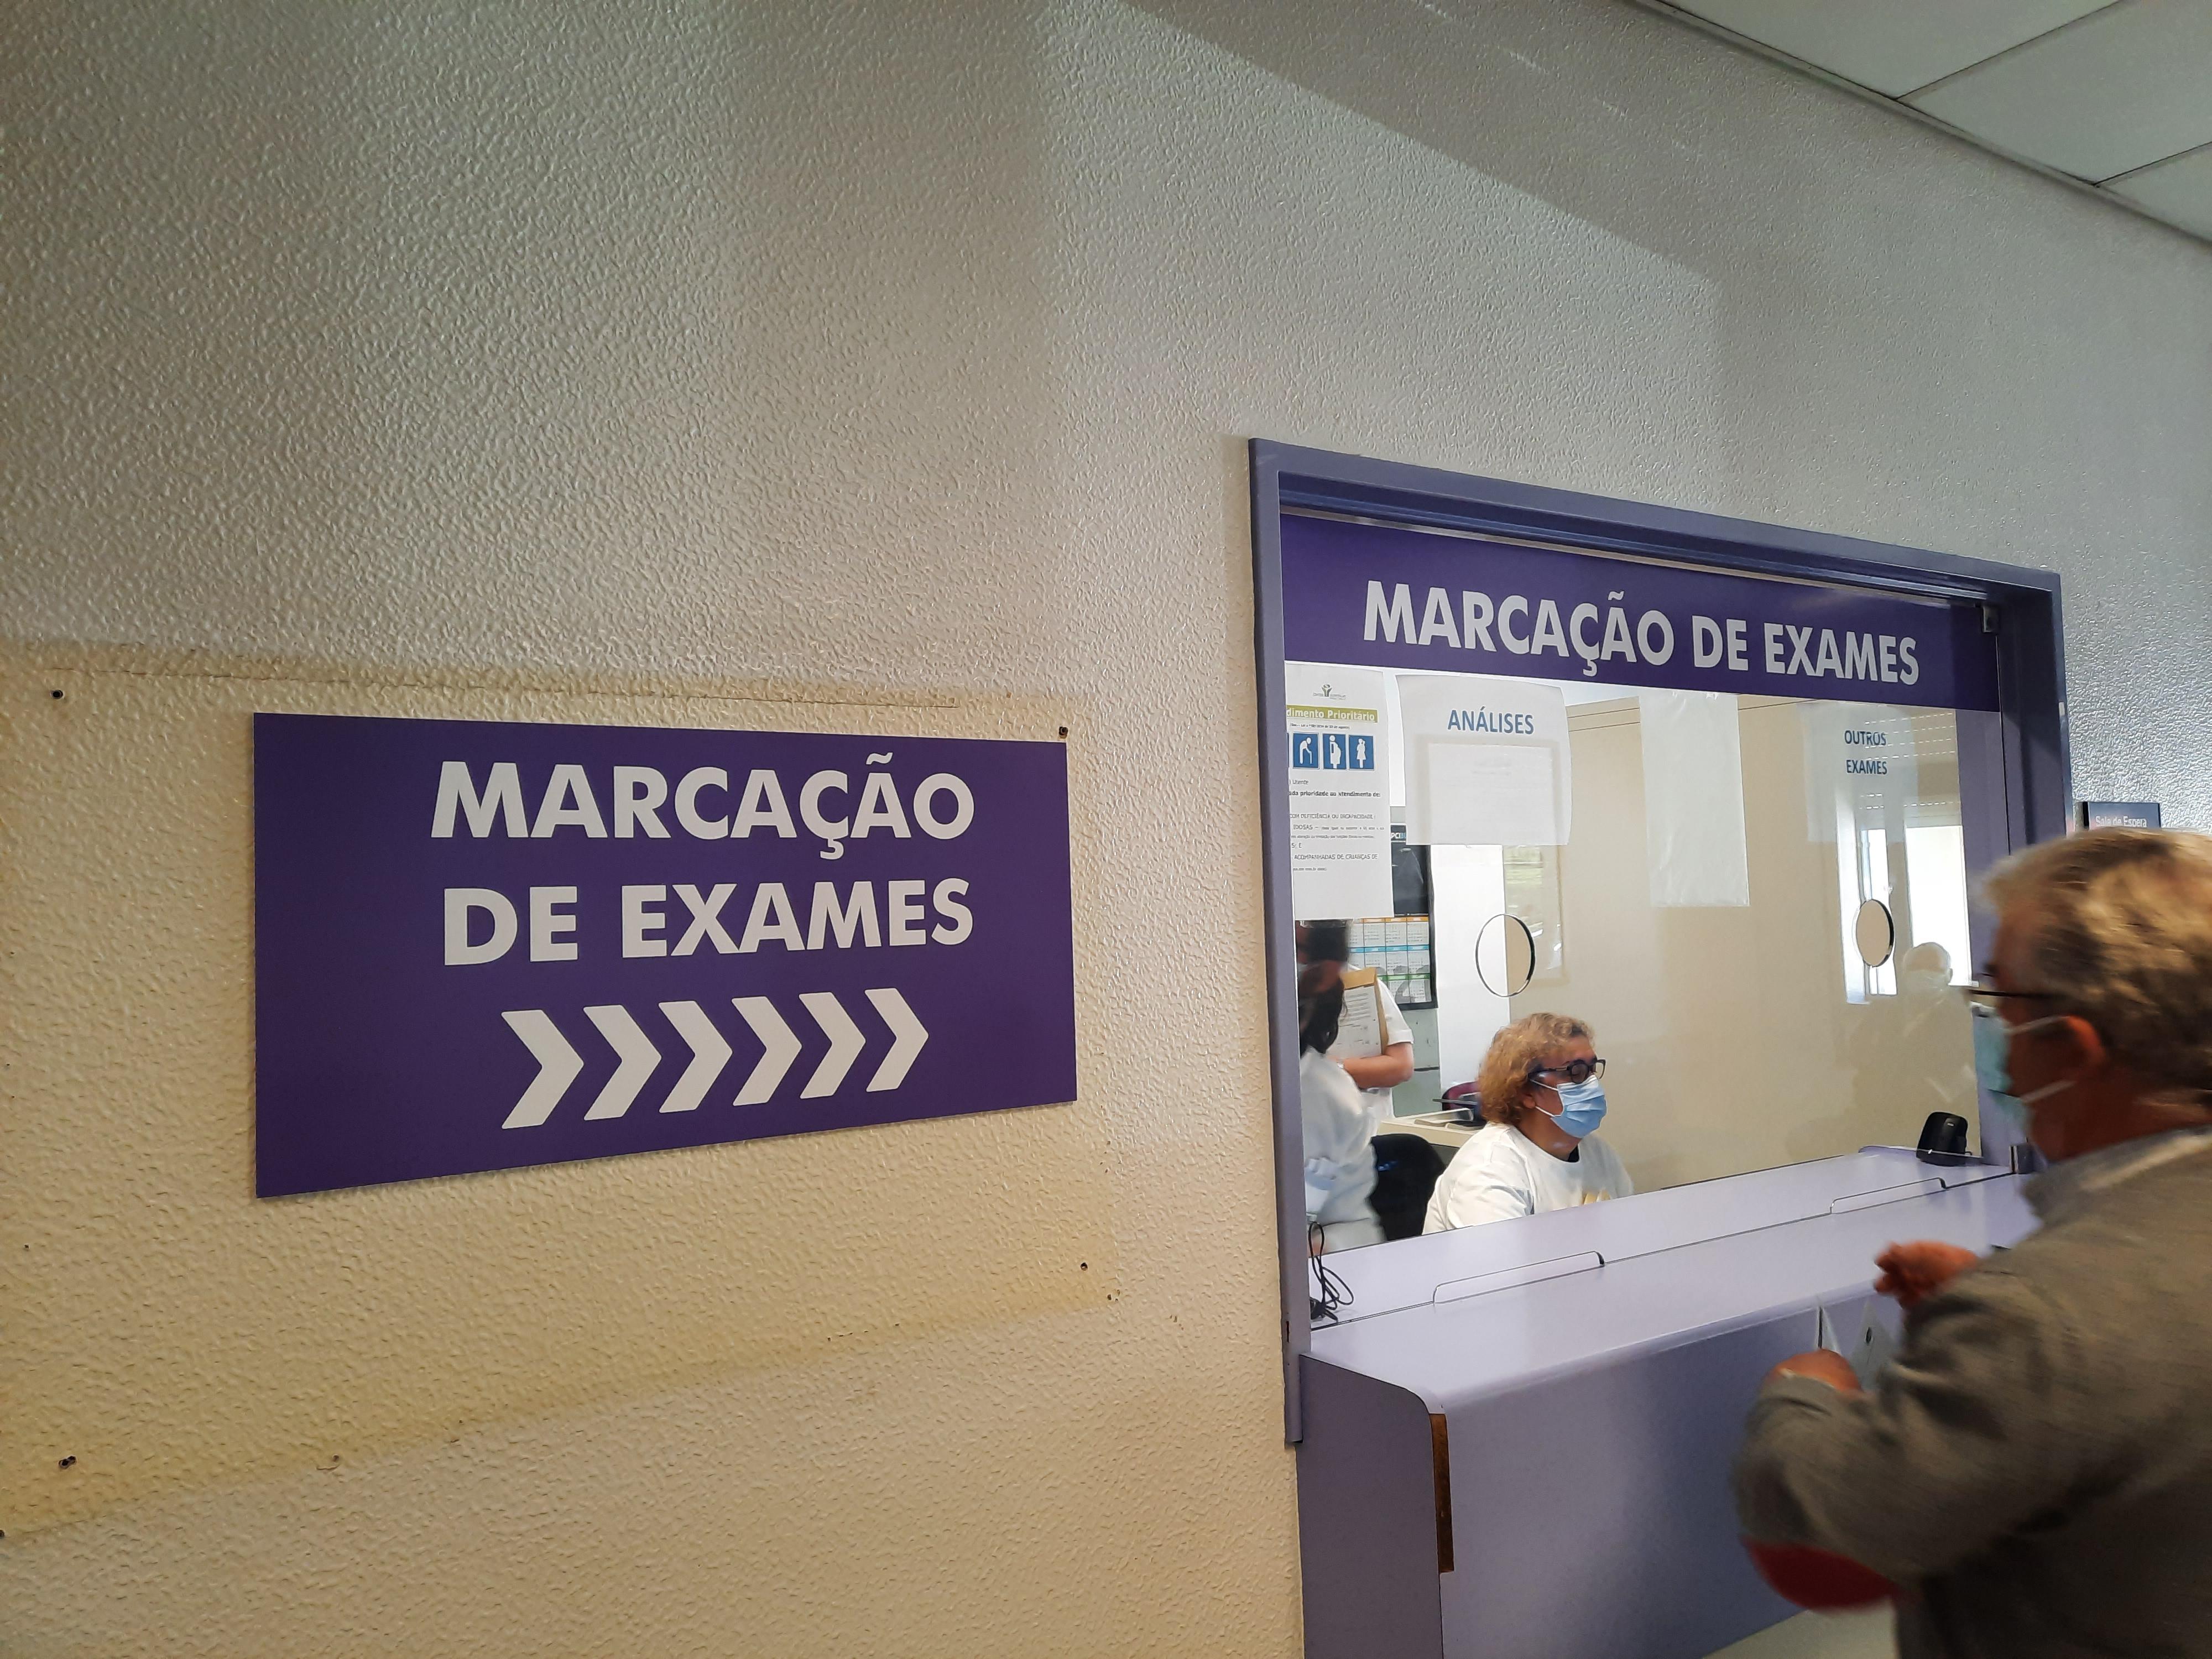 posto marcação exames hospital viseu 05 2021